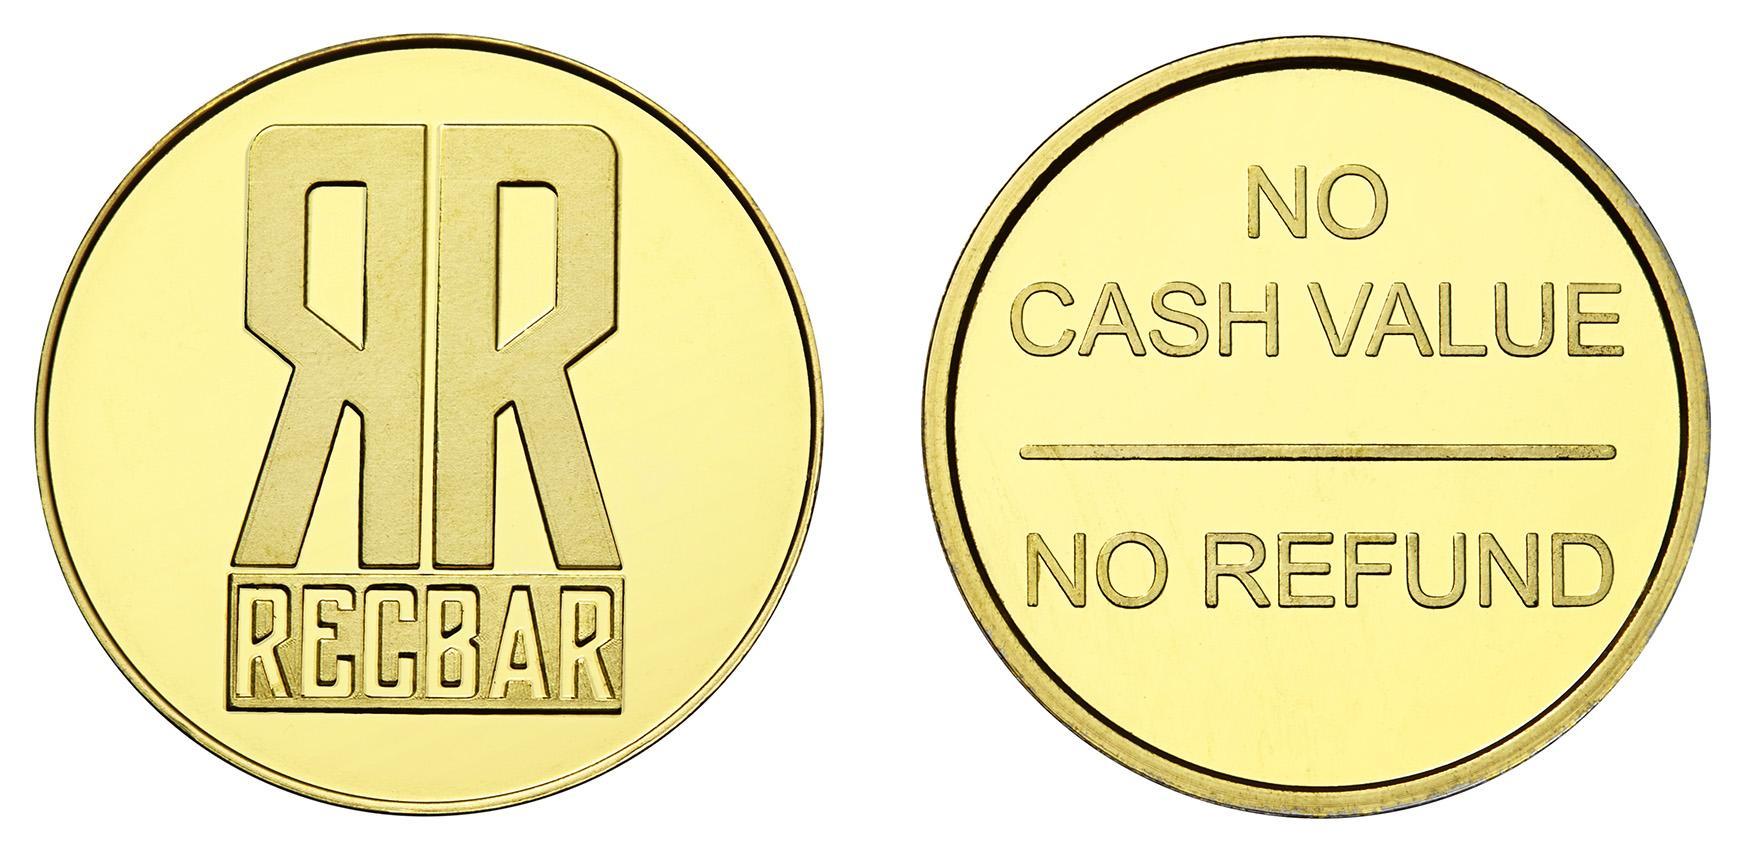 Rec Bar Custom Brass Tokens